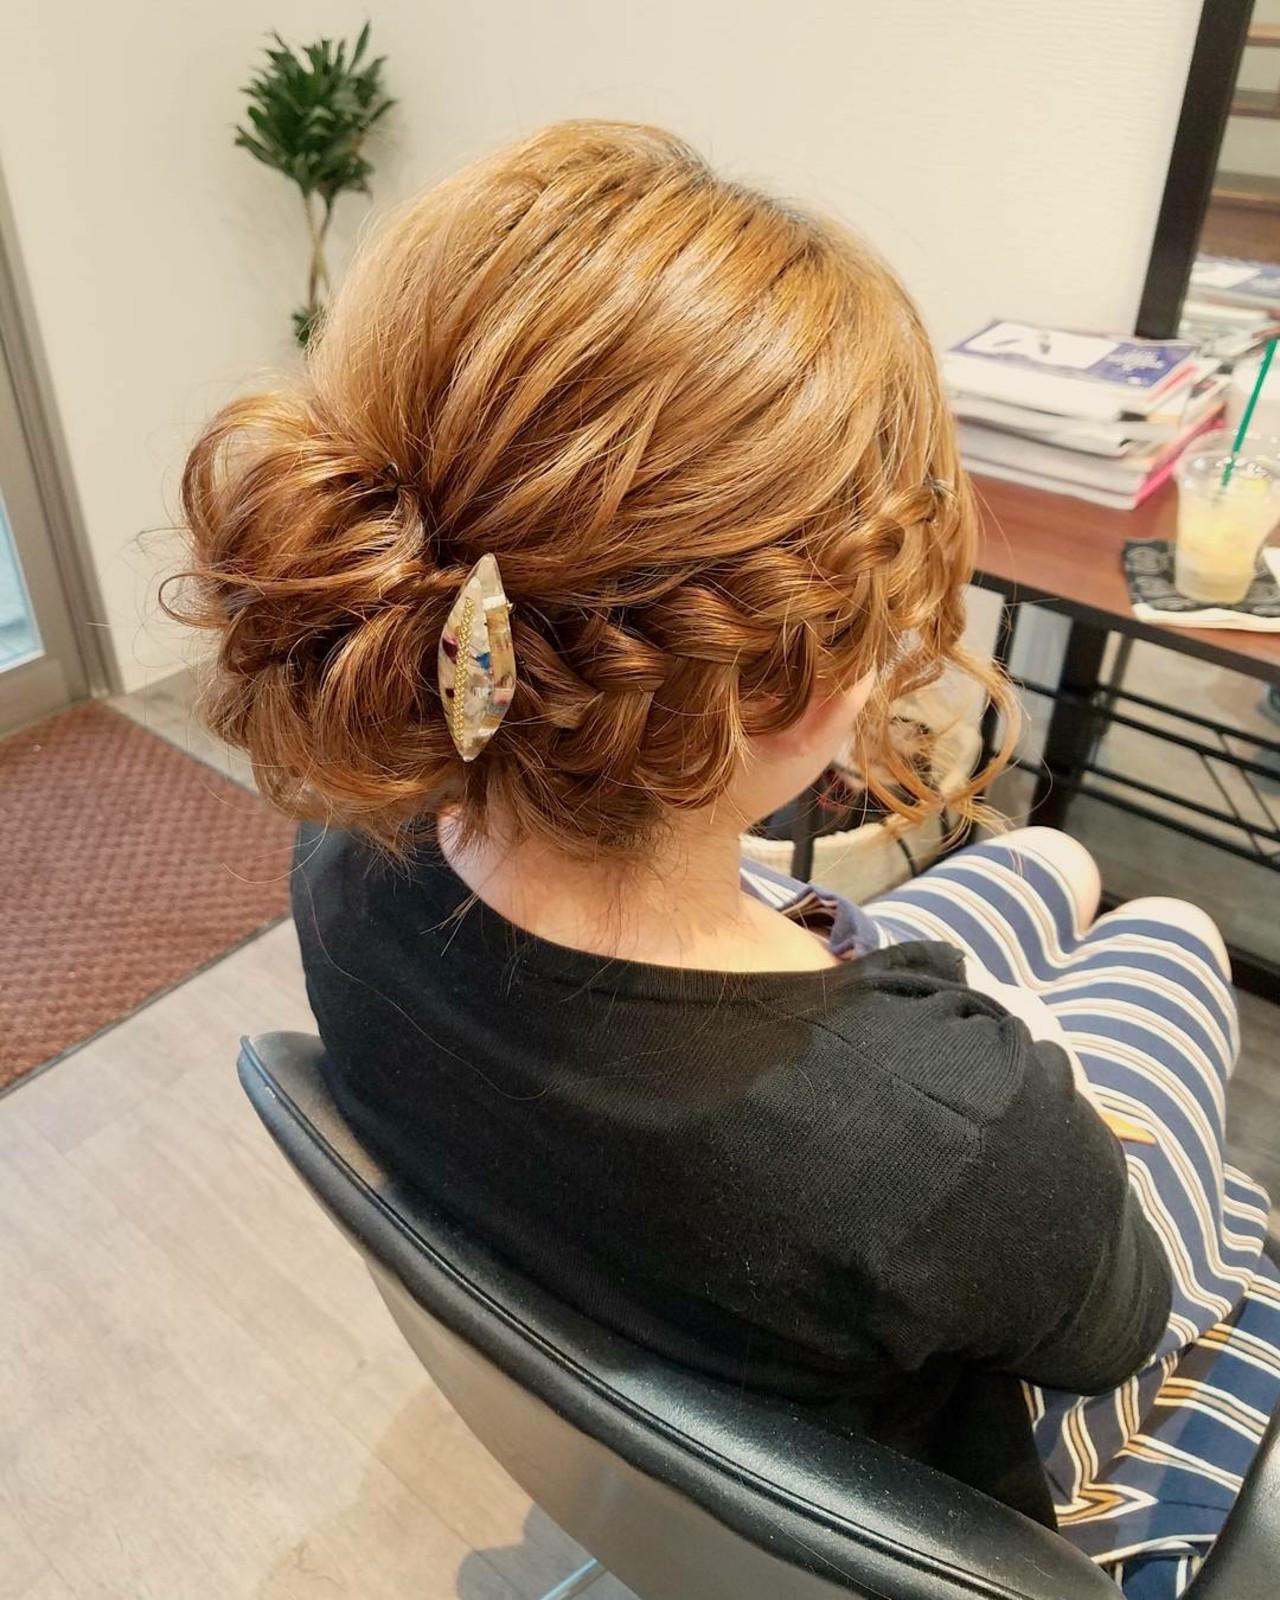 お団子にアクセントをつける編み込み mai | HAIR SALON STELLA